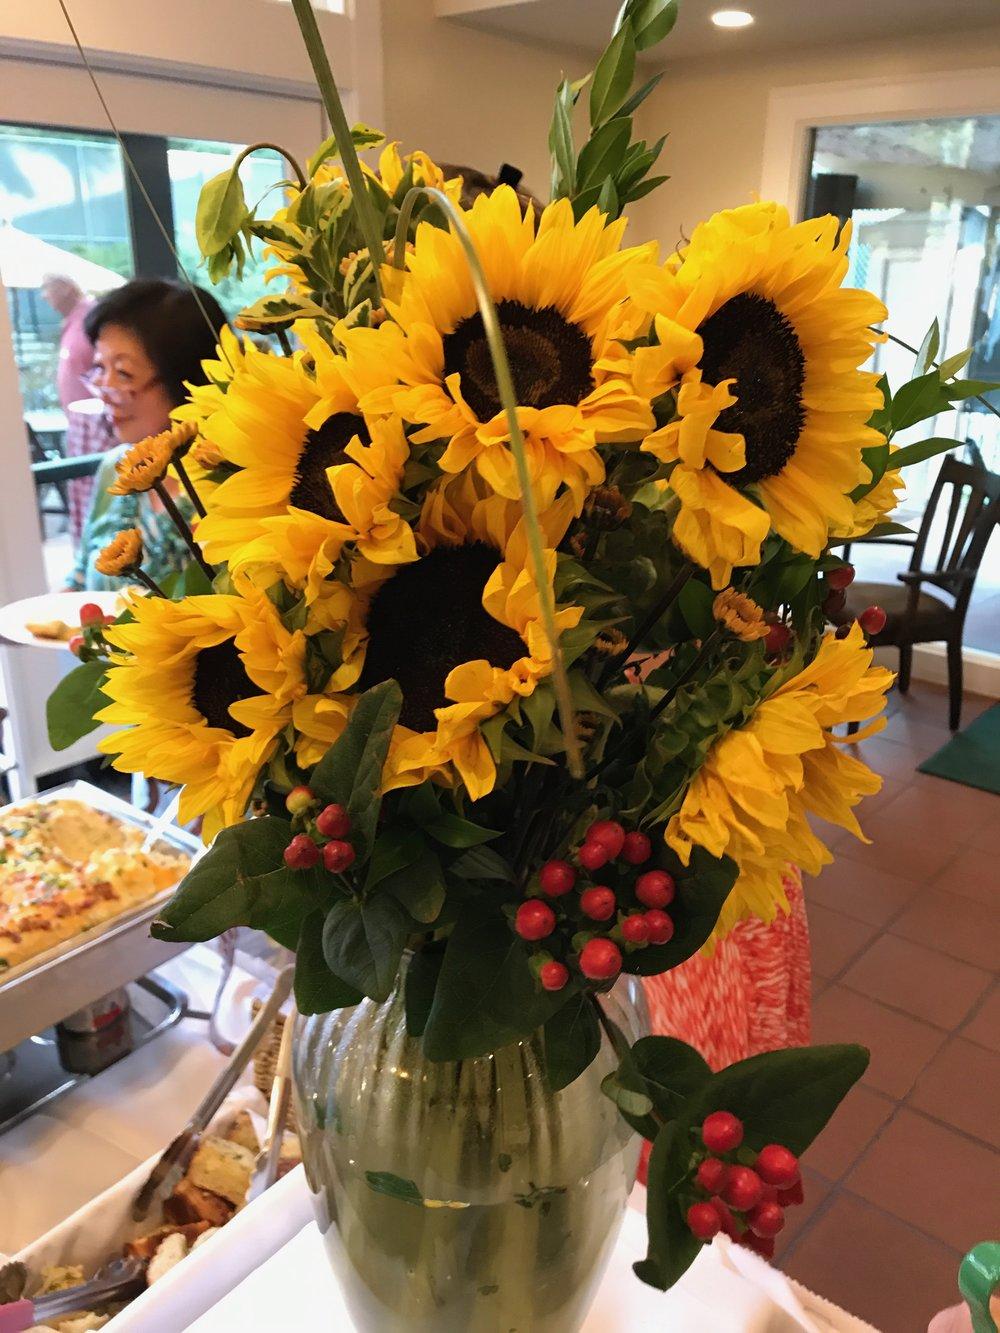 Vase w Sunflowers IMG_1069.jpg*.jpg